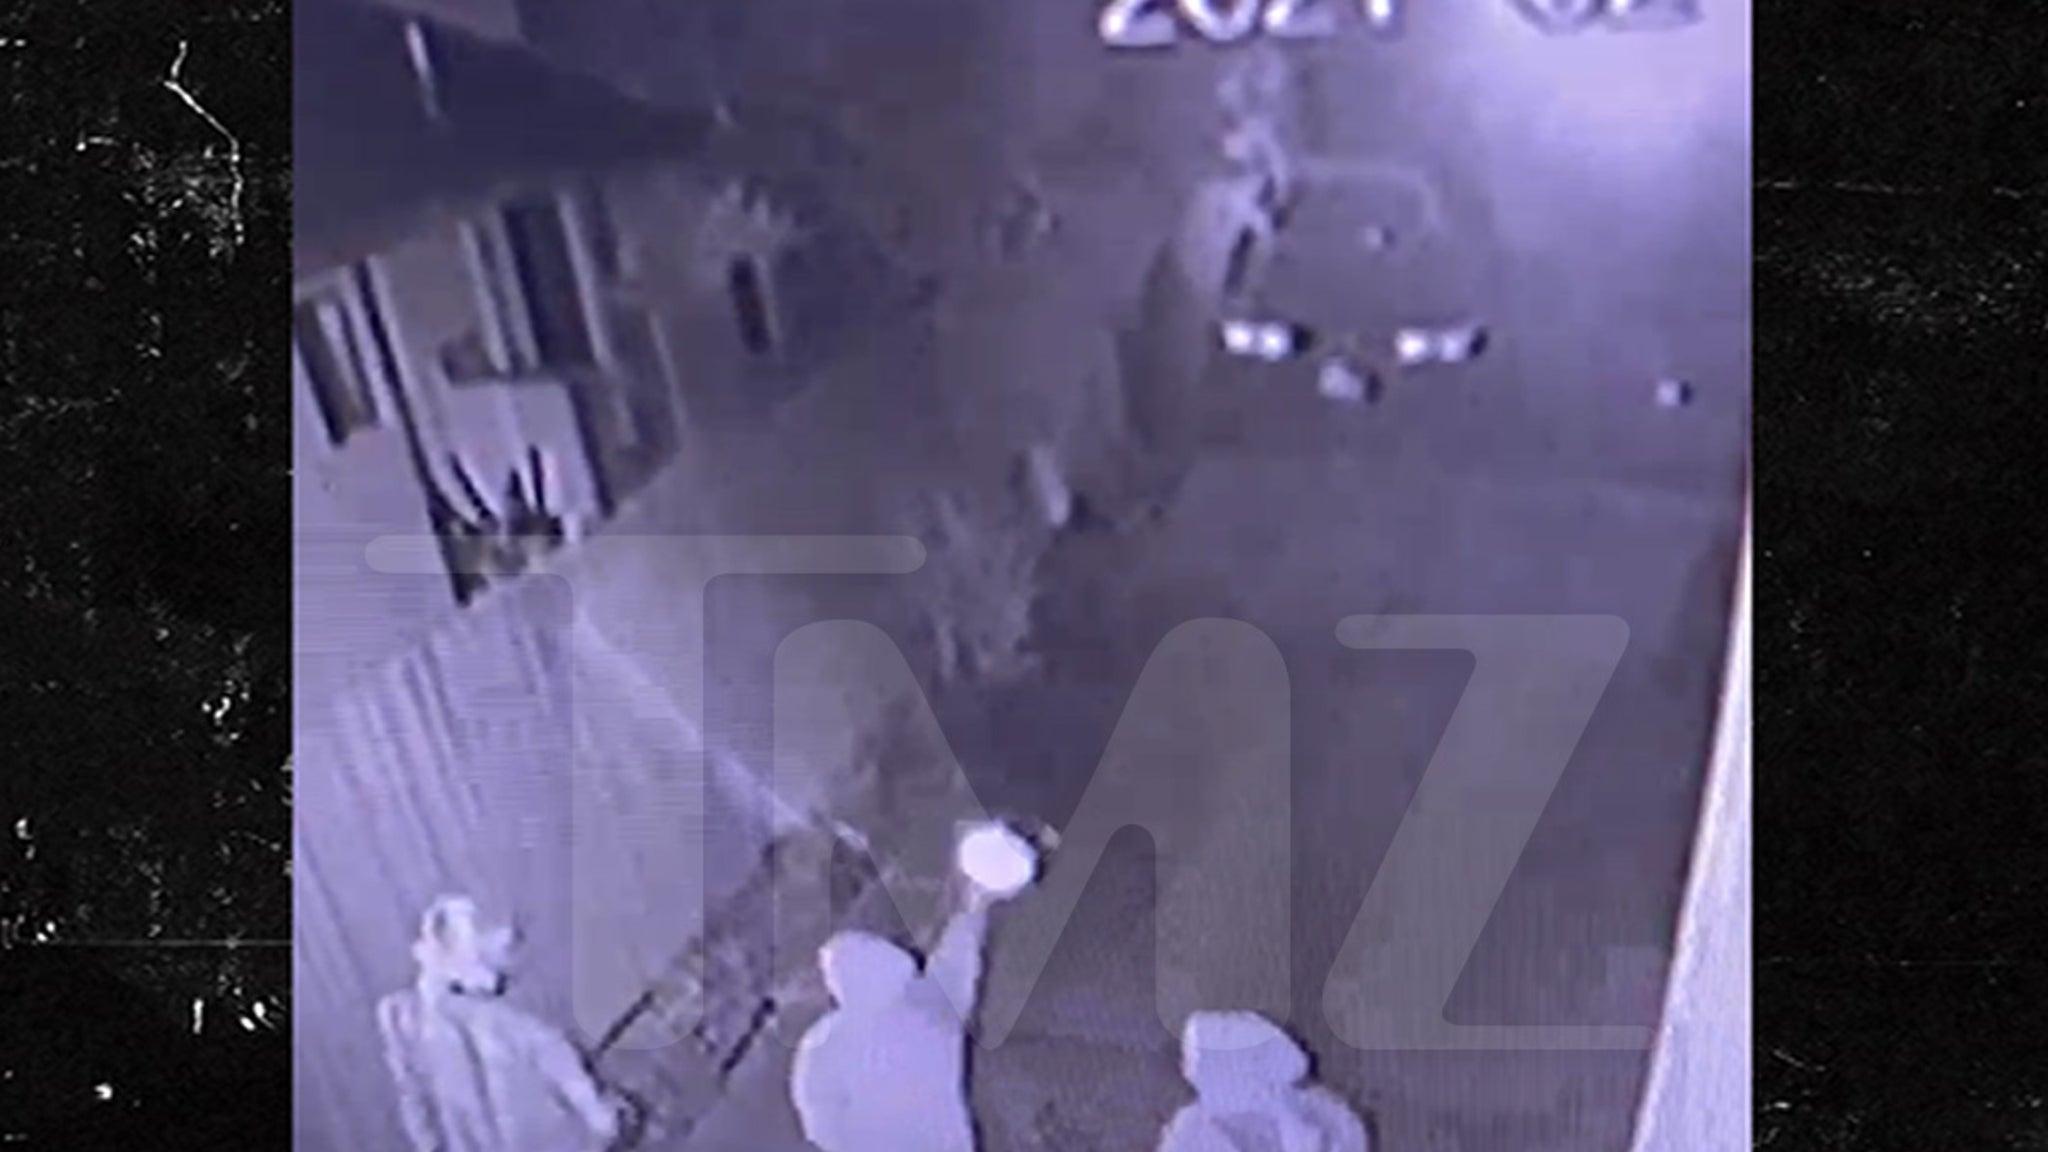 Видео наблюдения показывает, как мужчины открывают огонь в доме Лэйни Киз в Лос-Анджелесе